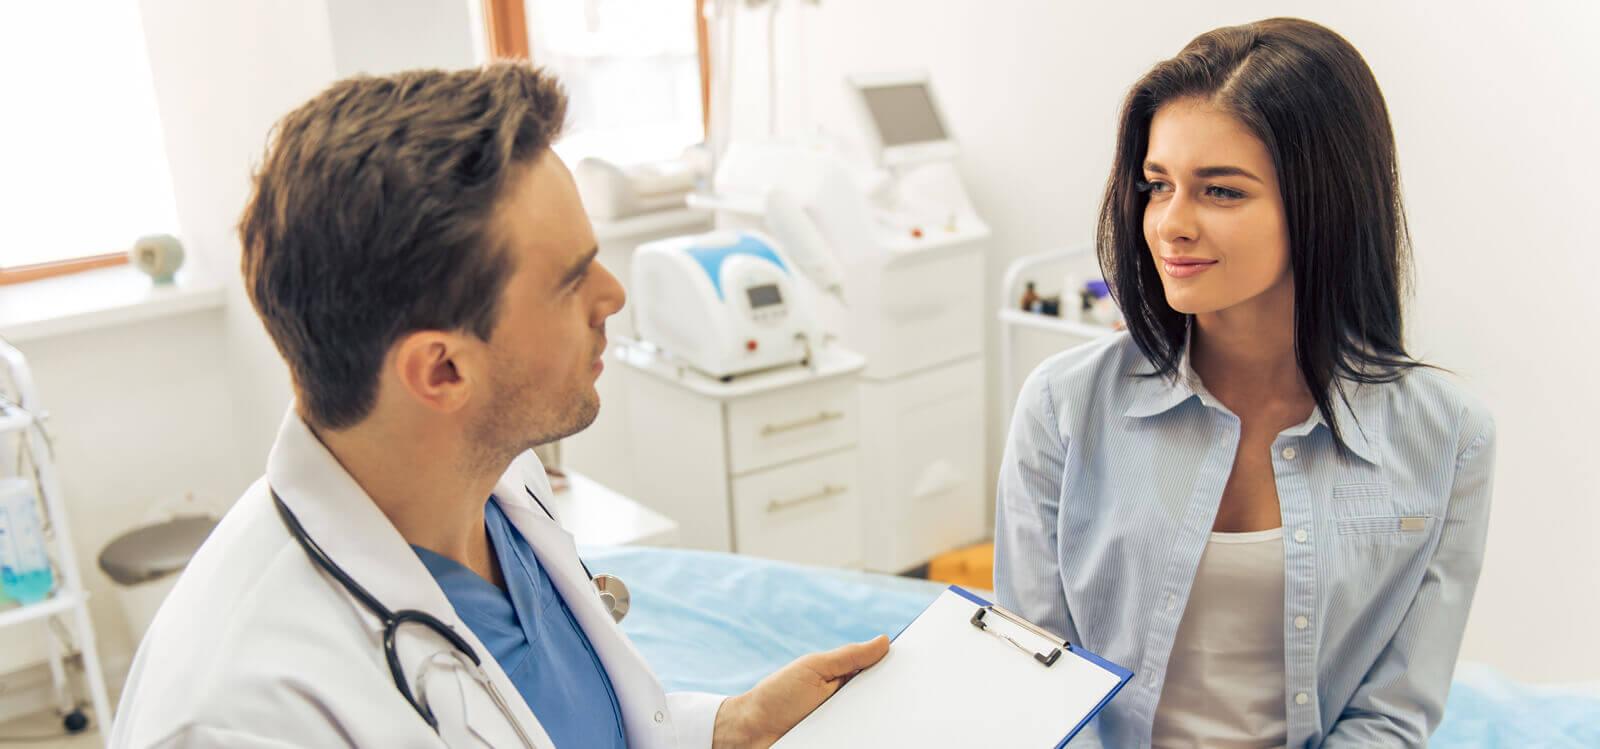 Arstiga viljakusteadlikkuse meetodist rääkimine